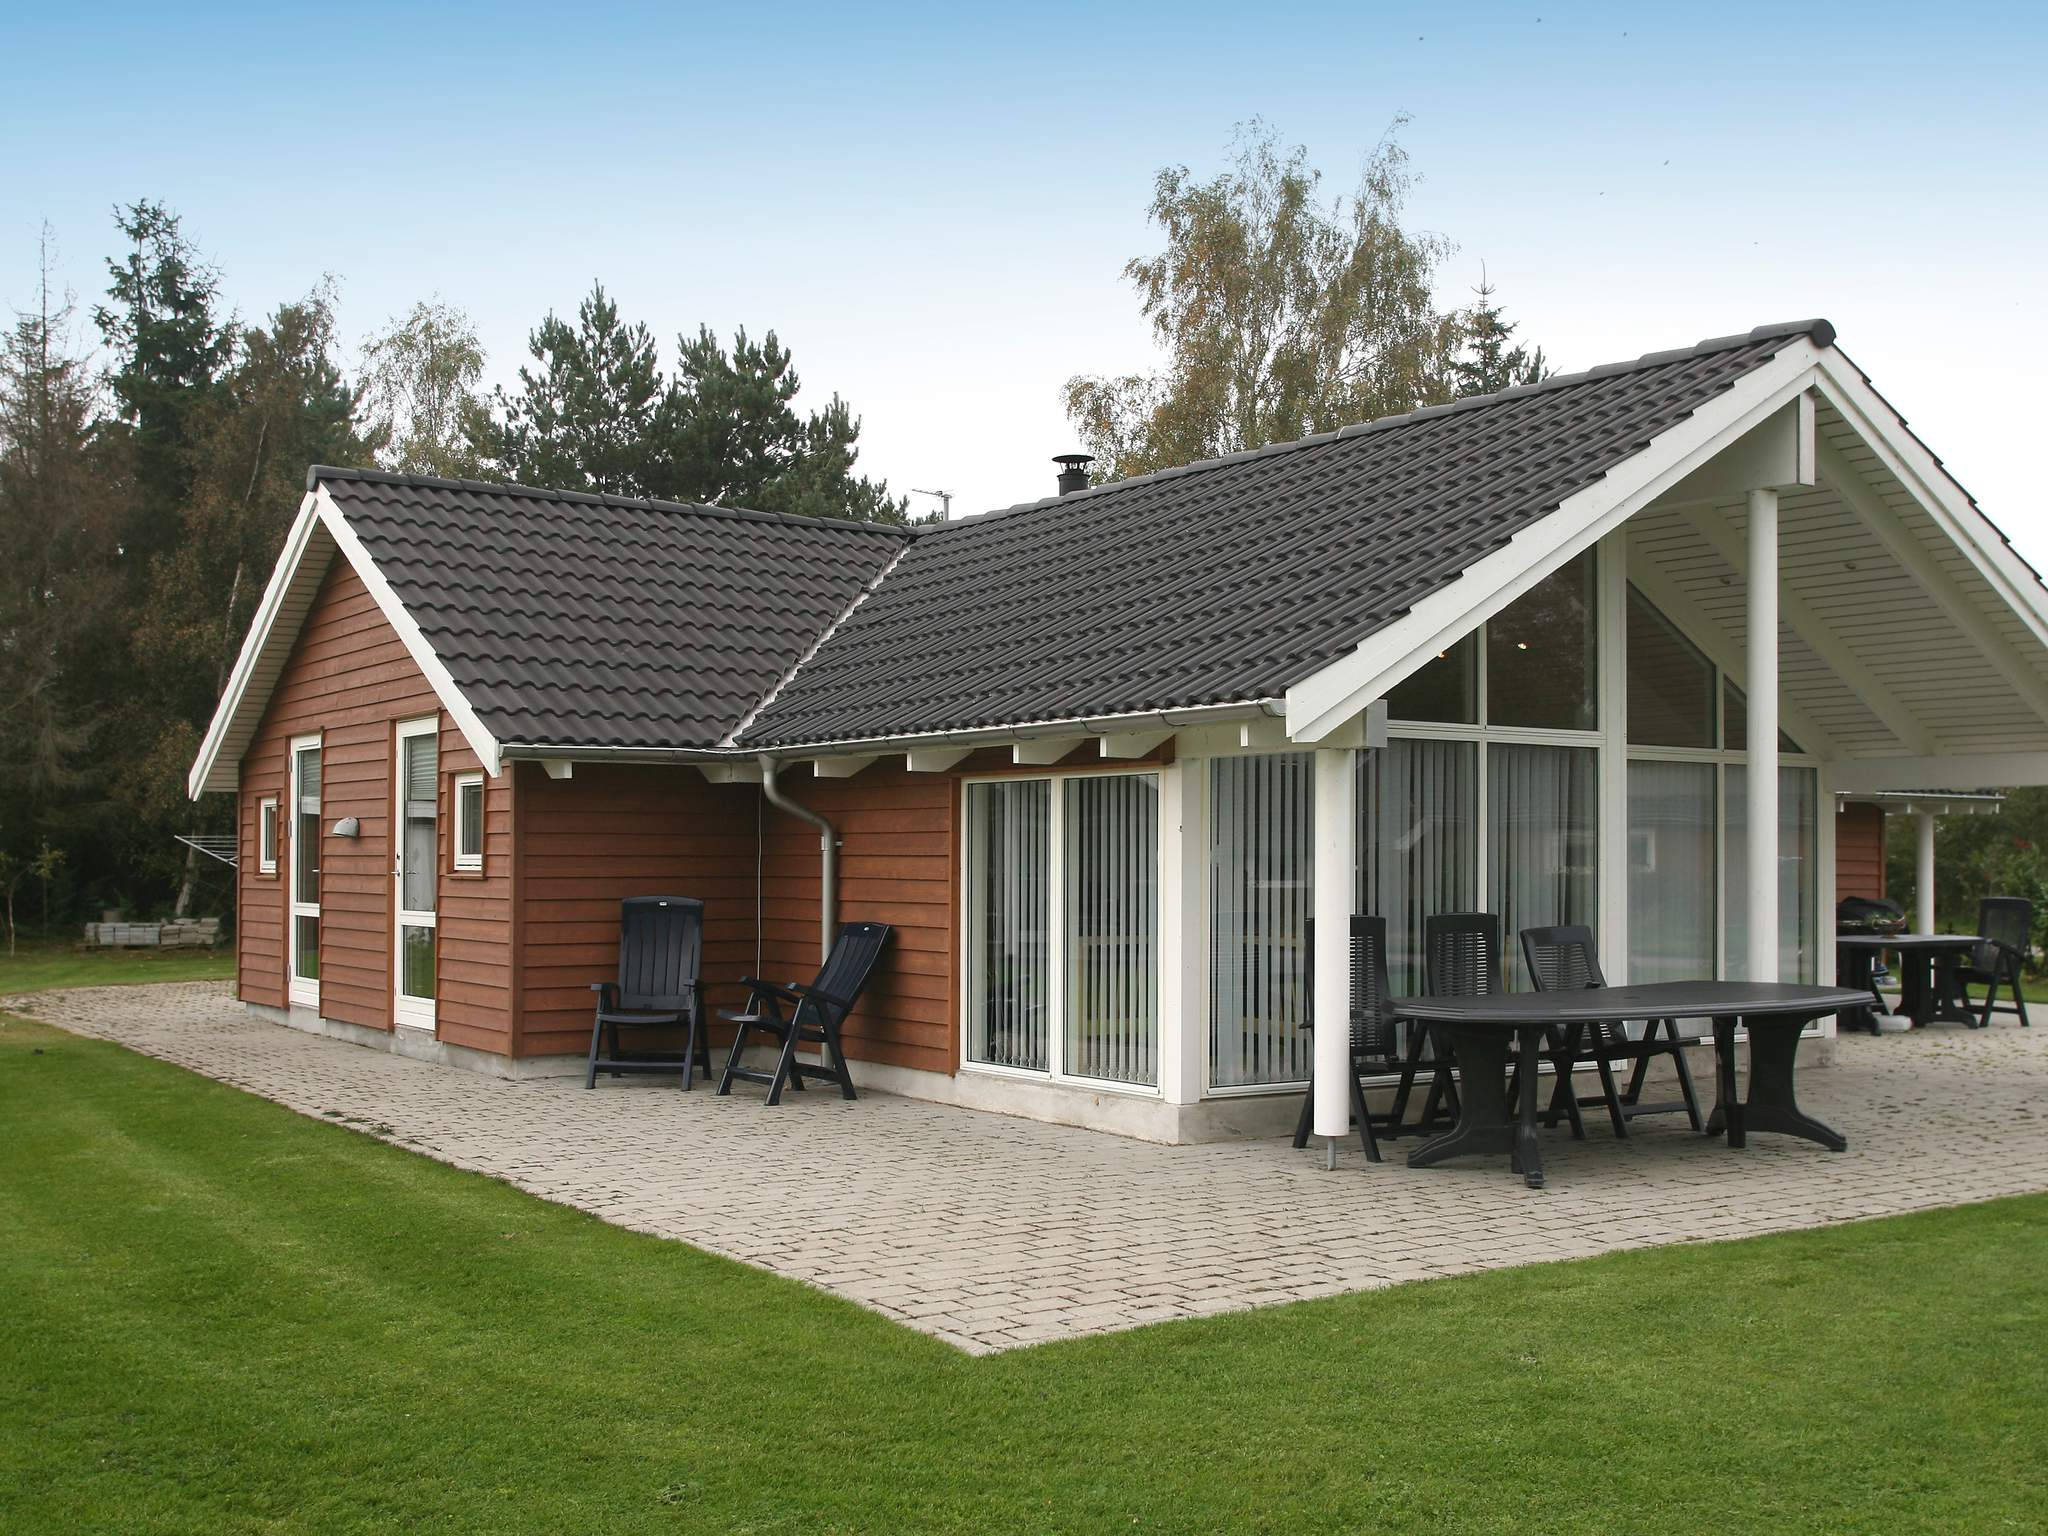 Ferienhaus Ulvshale (428757), Stege, , Møn, Dänemark, Bild 16